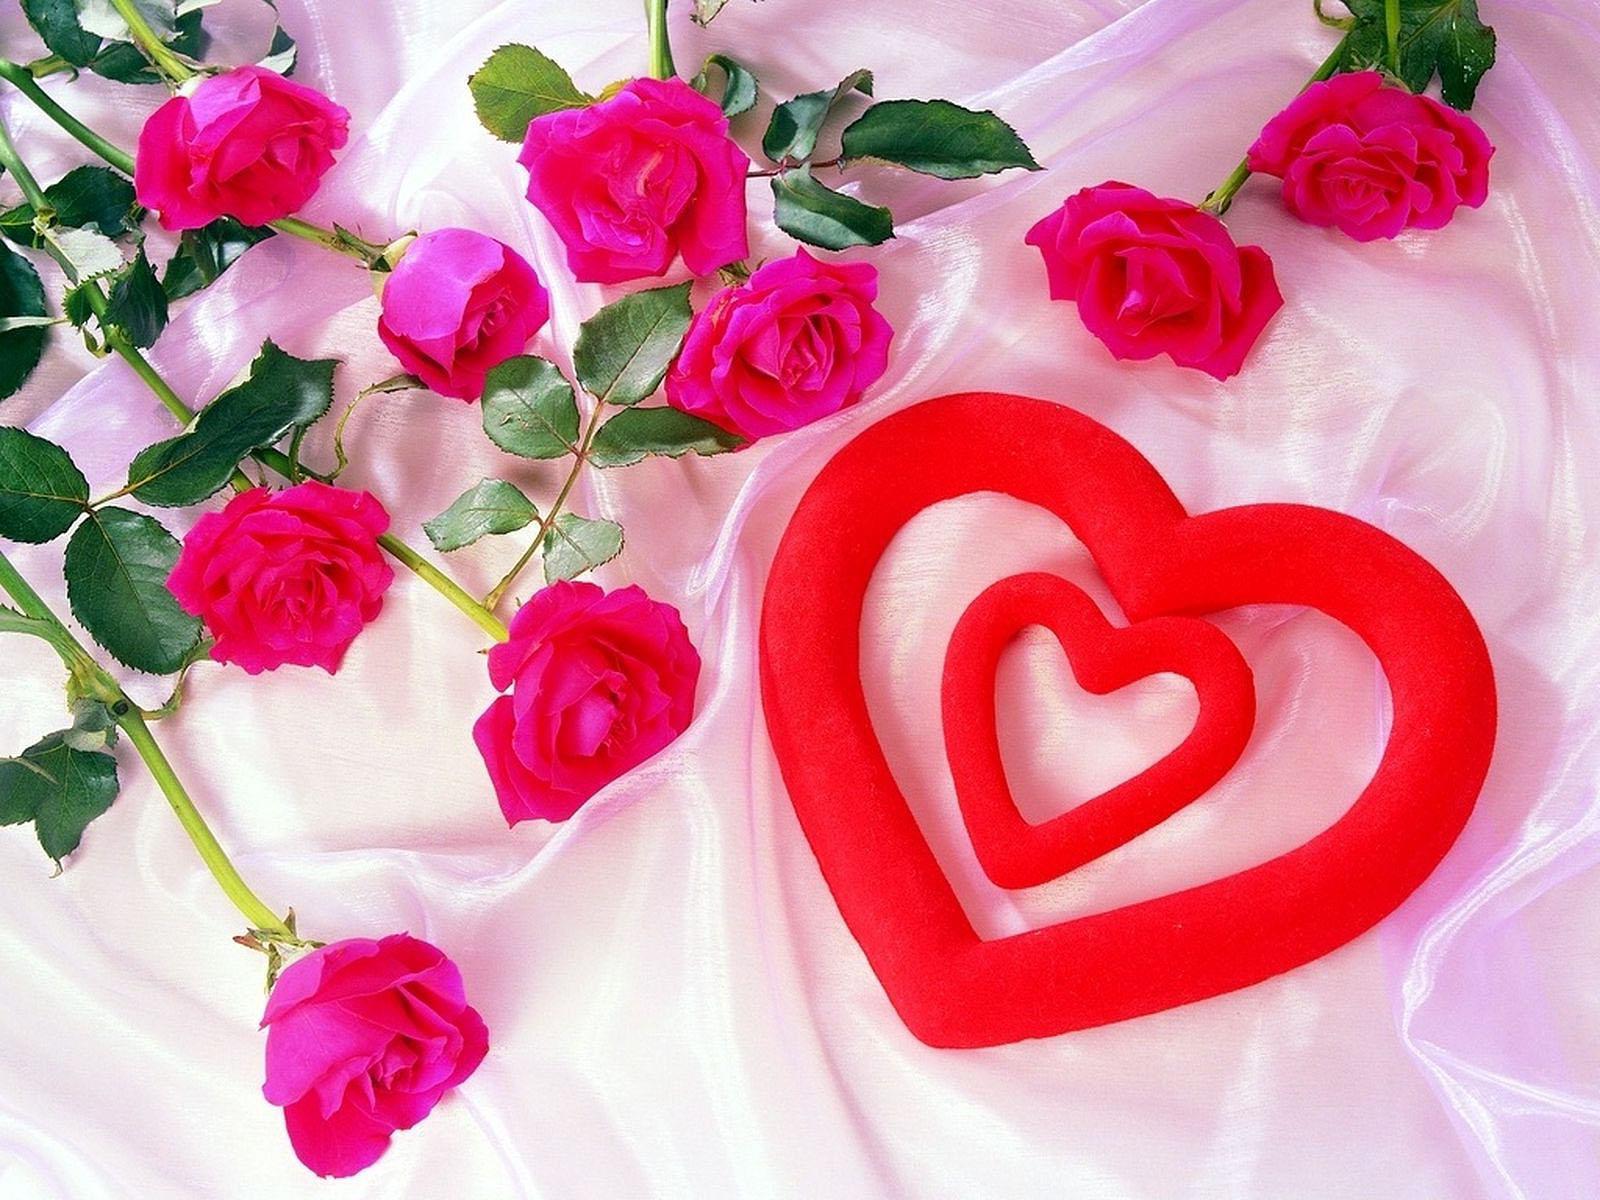 Liefdes Wallpapers